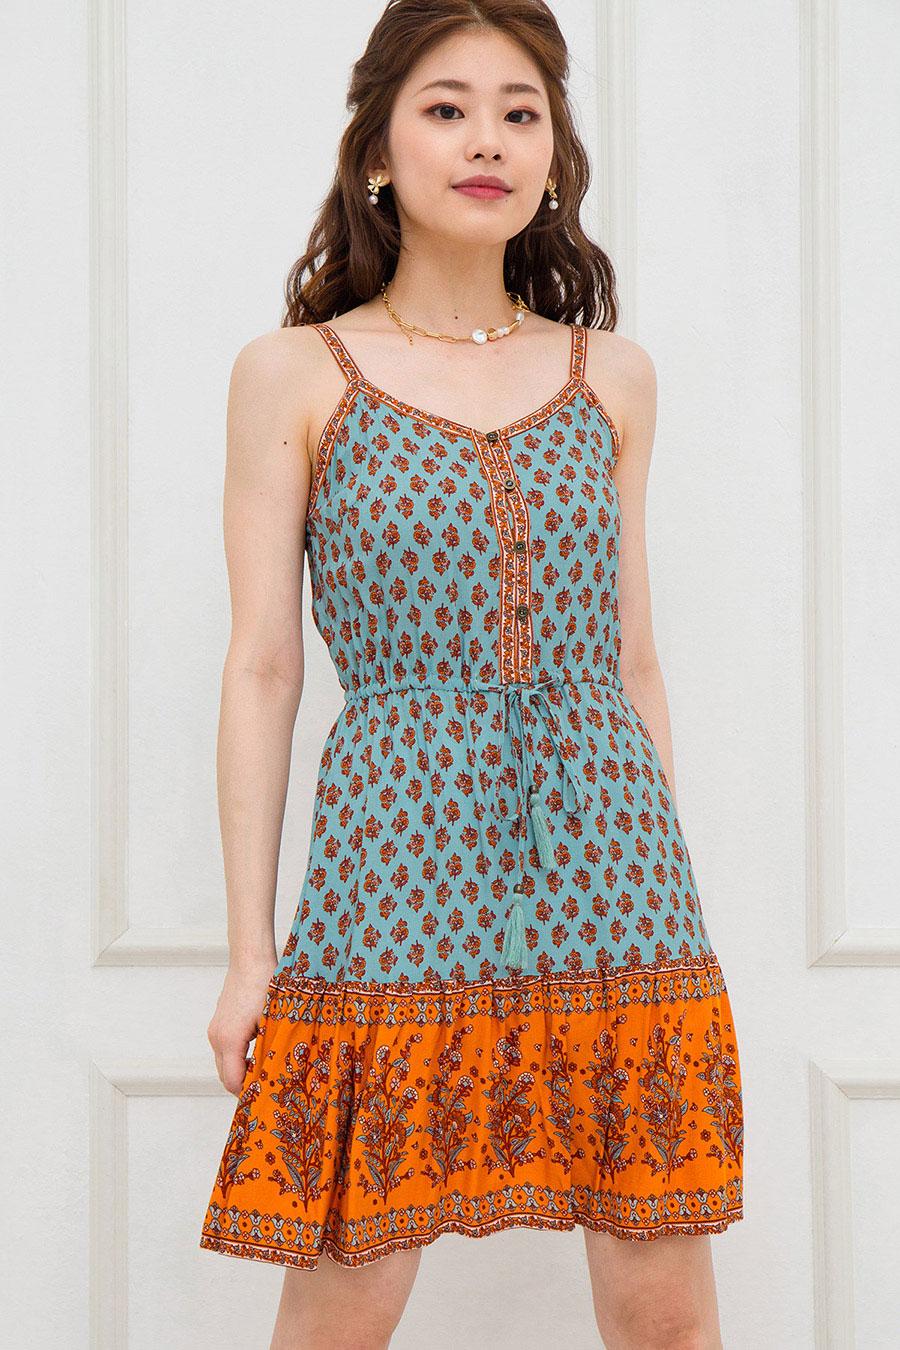 ESME DRESS - BAHAMAS